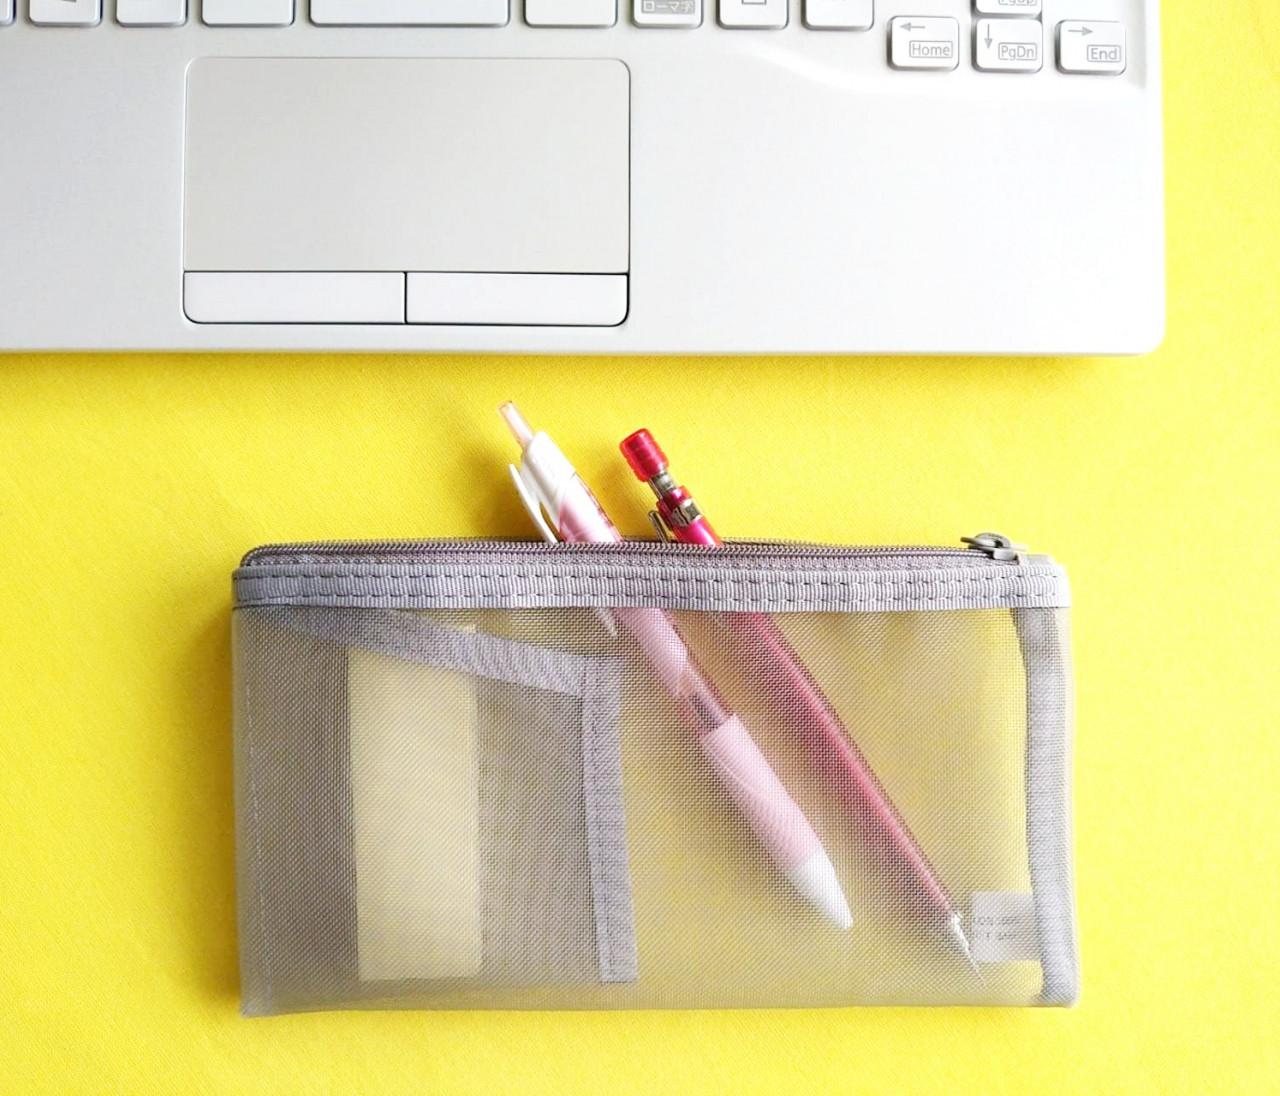 【無印良品】ナイロンメッシュペンケースが使えすぎ♡ 内ポケットつきがポイント!